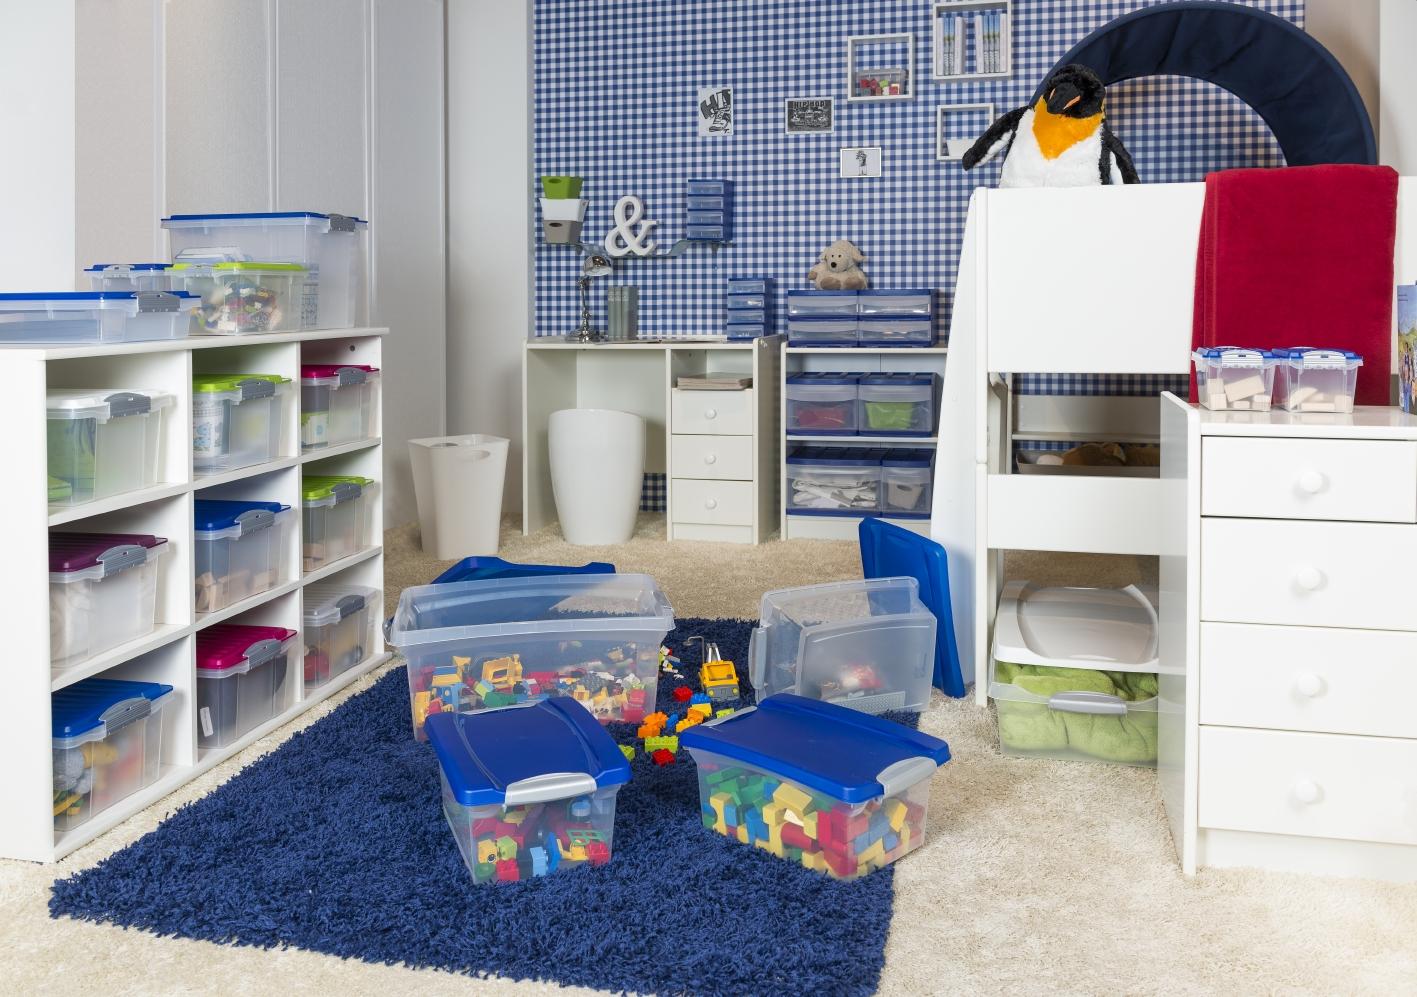 Full Size of Aufbewahrungsboxen Kinderzimmer Stapelbar Mint Aufbewahrungsbox Ebay Amazon Plastik Ikea Holz Ordnung Und Aufbewahrung Im So Funktioniert Es Regal Weiß Sofa Kinderzimmer Aufbewahrungsboxen Kinderzimmer